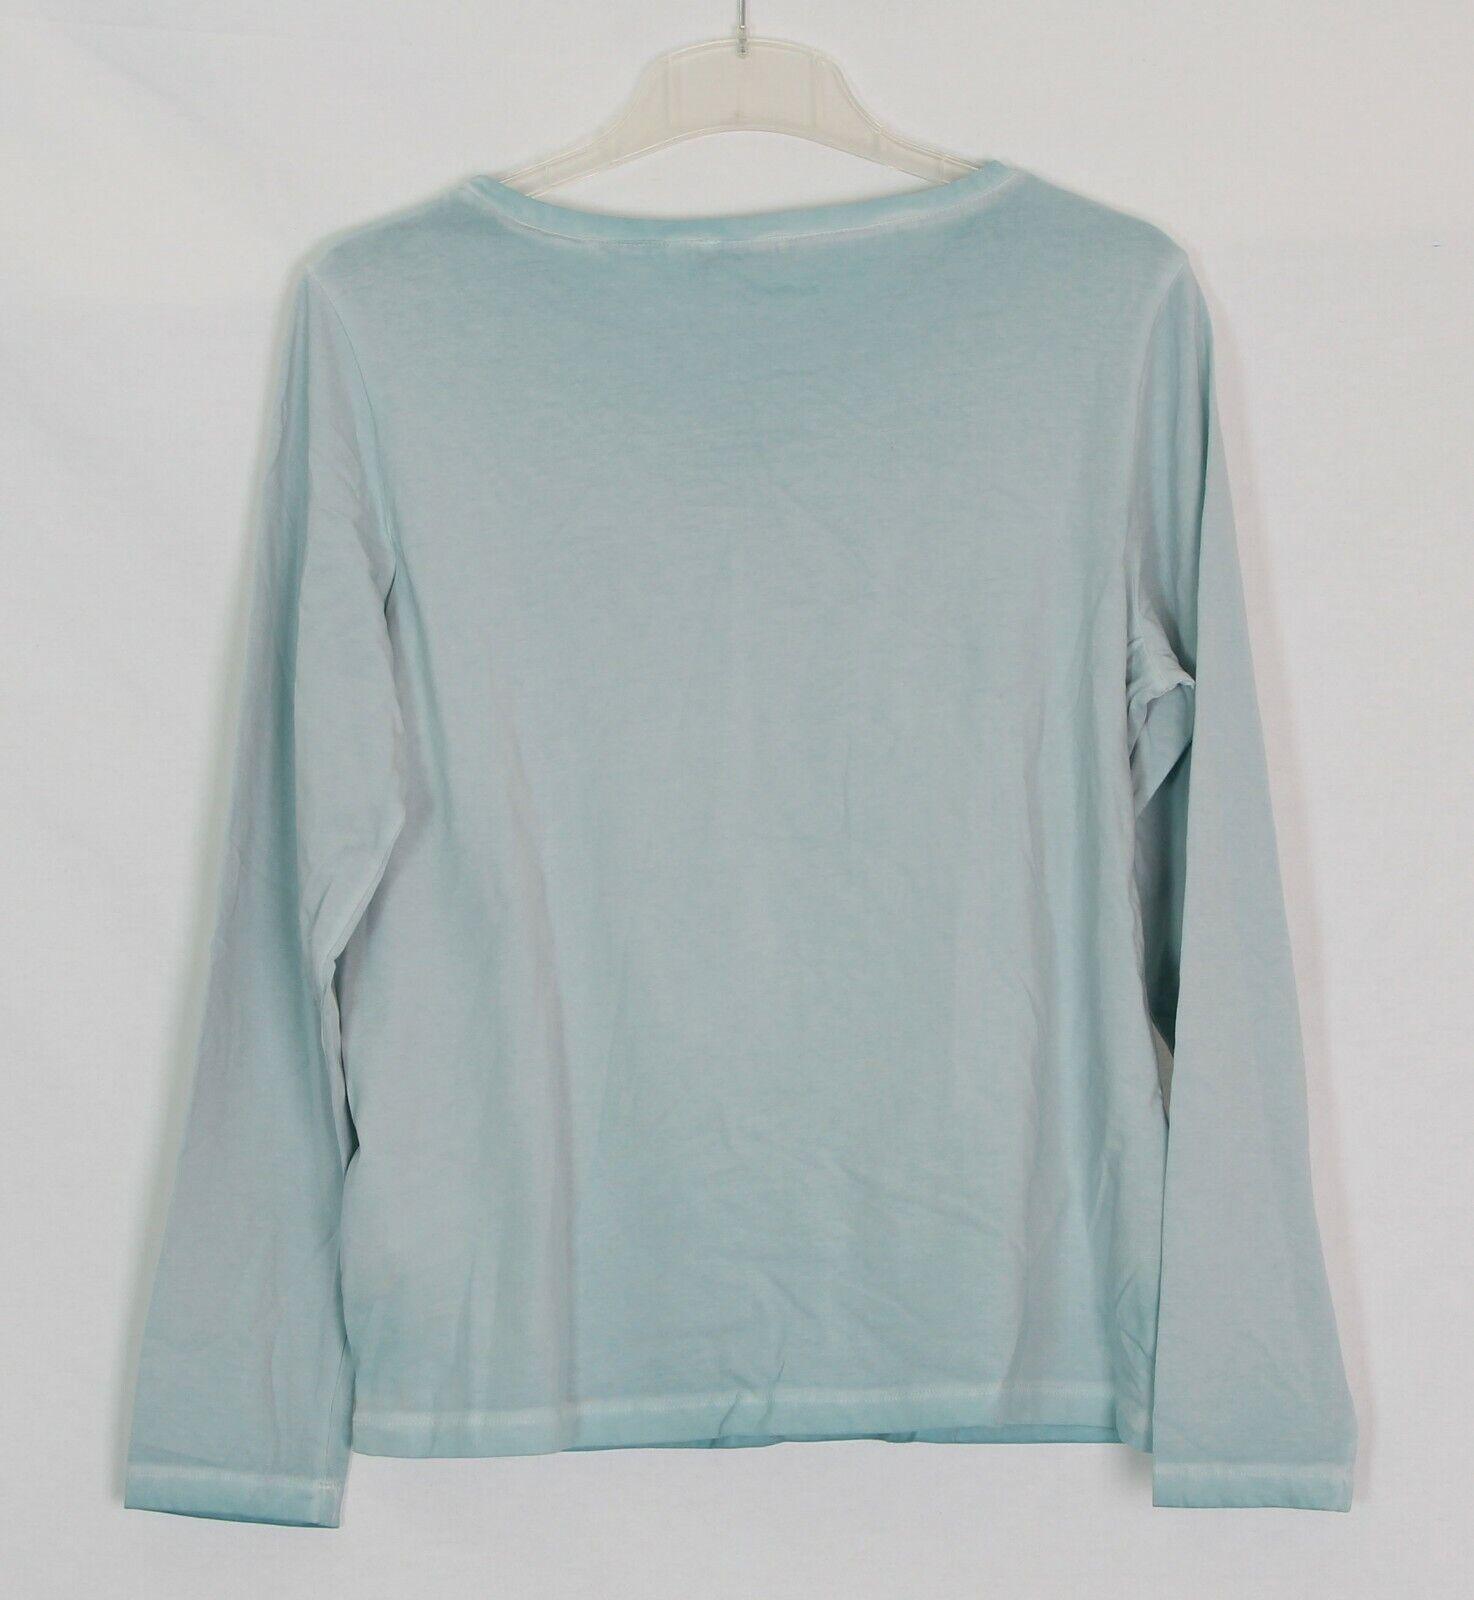 Basler Donna Pullover Shirt DOWNTOWN DOWNTOWN DOWNTOWN Glitter Pietre Blu 7efd90